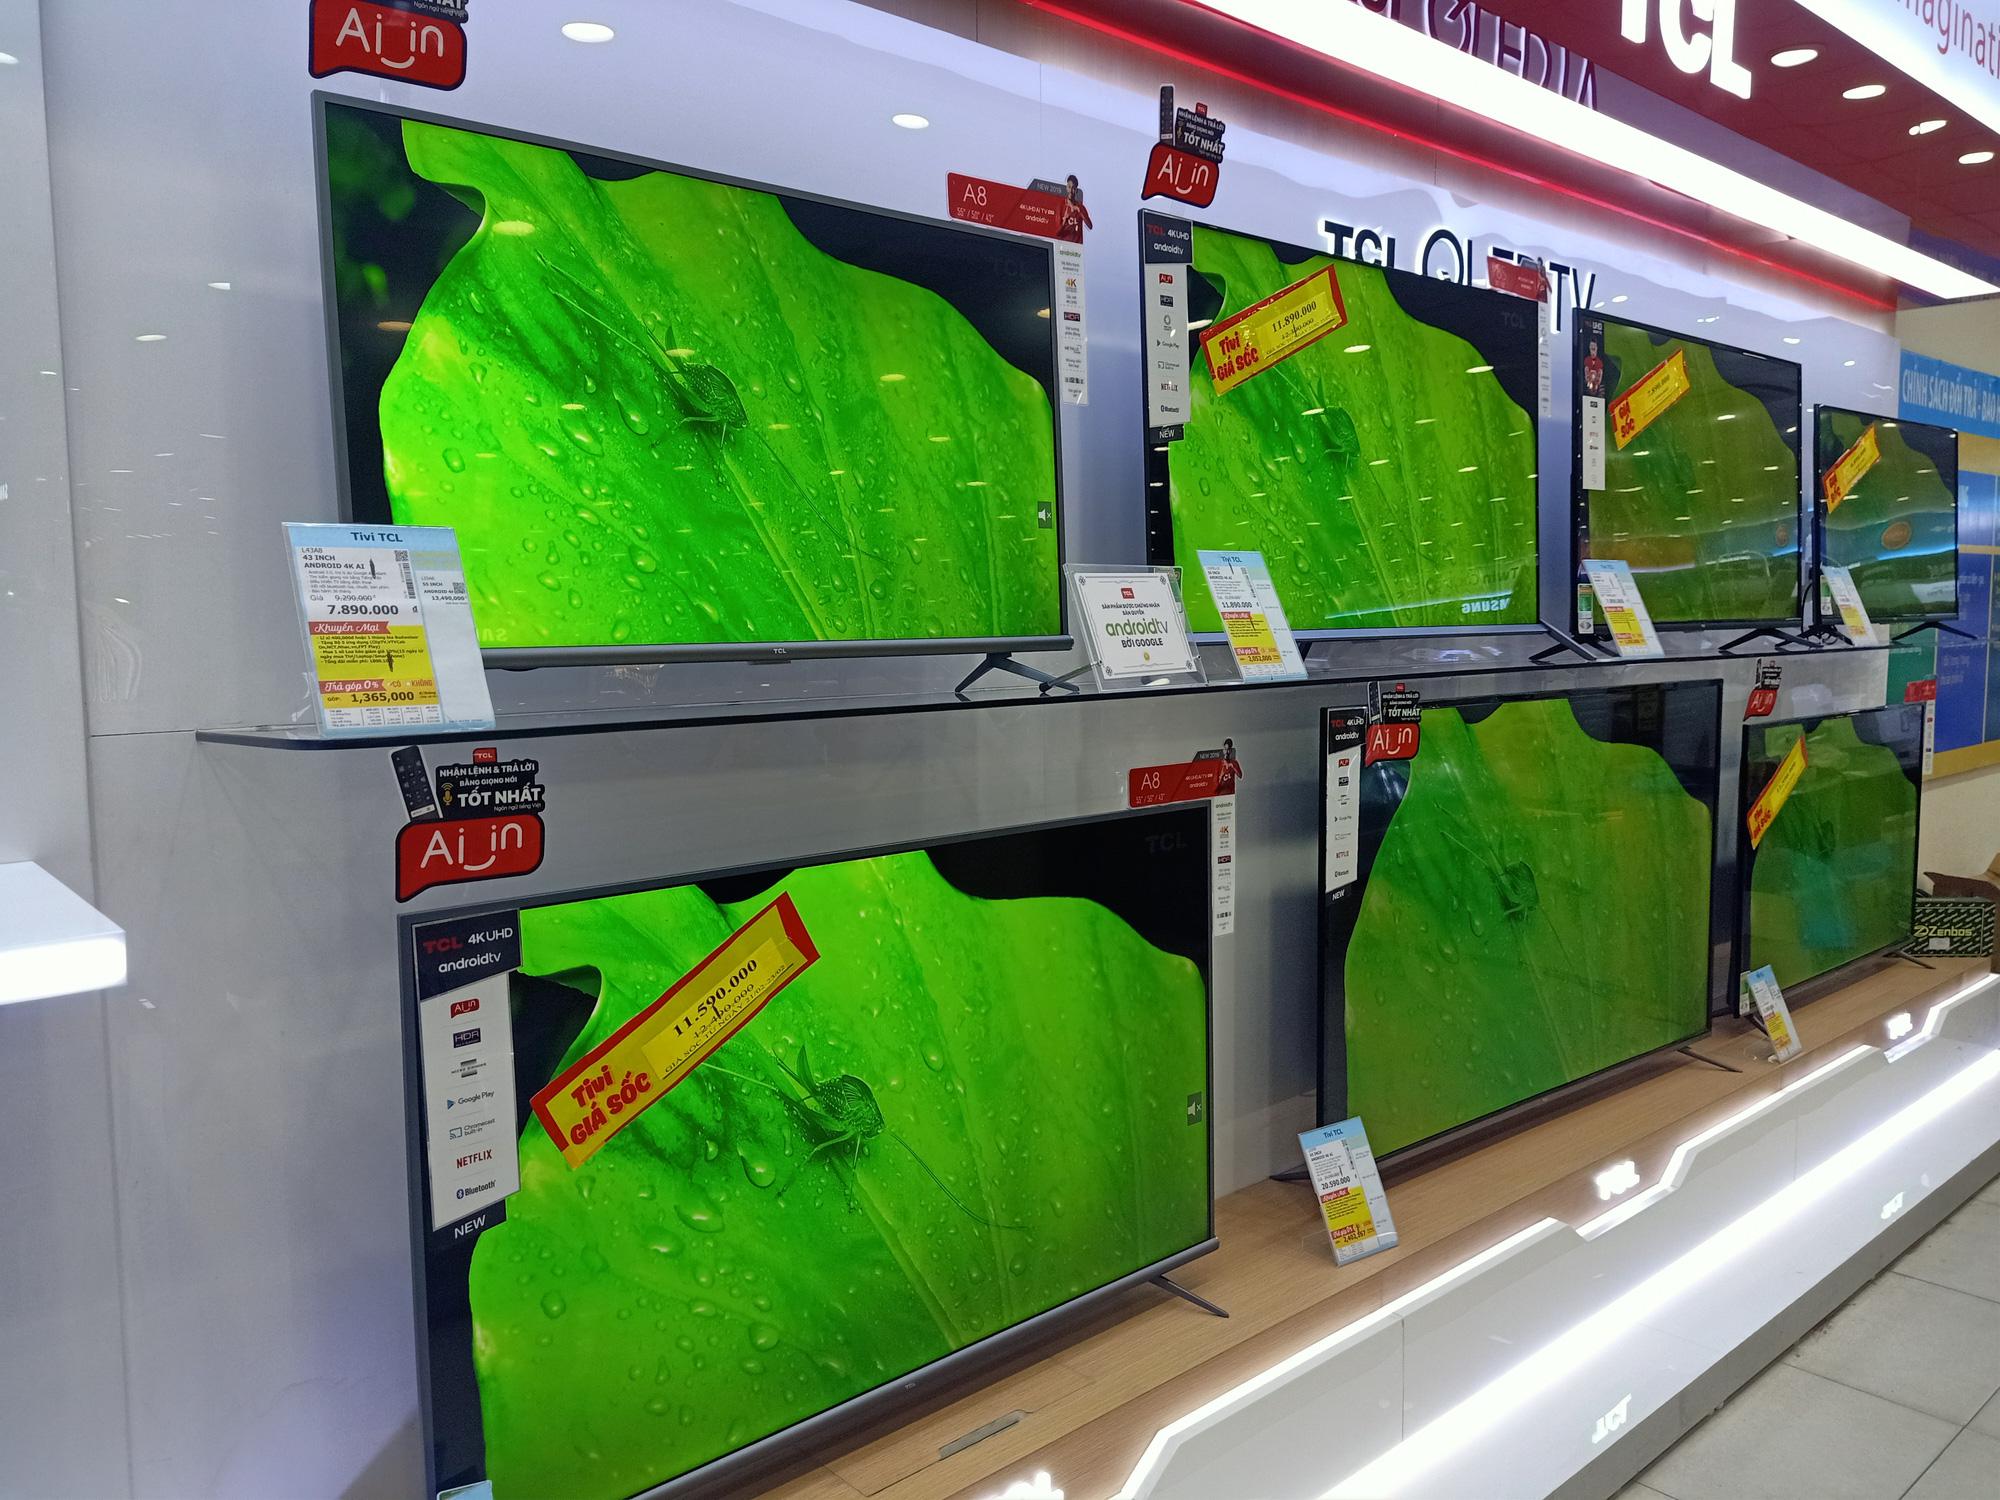 Tivi giảm giá tuần này: Nhiều sản phẩm giúp tận hưởng các trận cầu đã hơn - Ảnh 3.